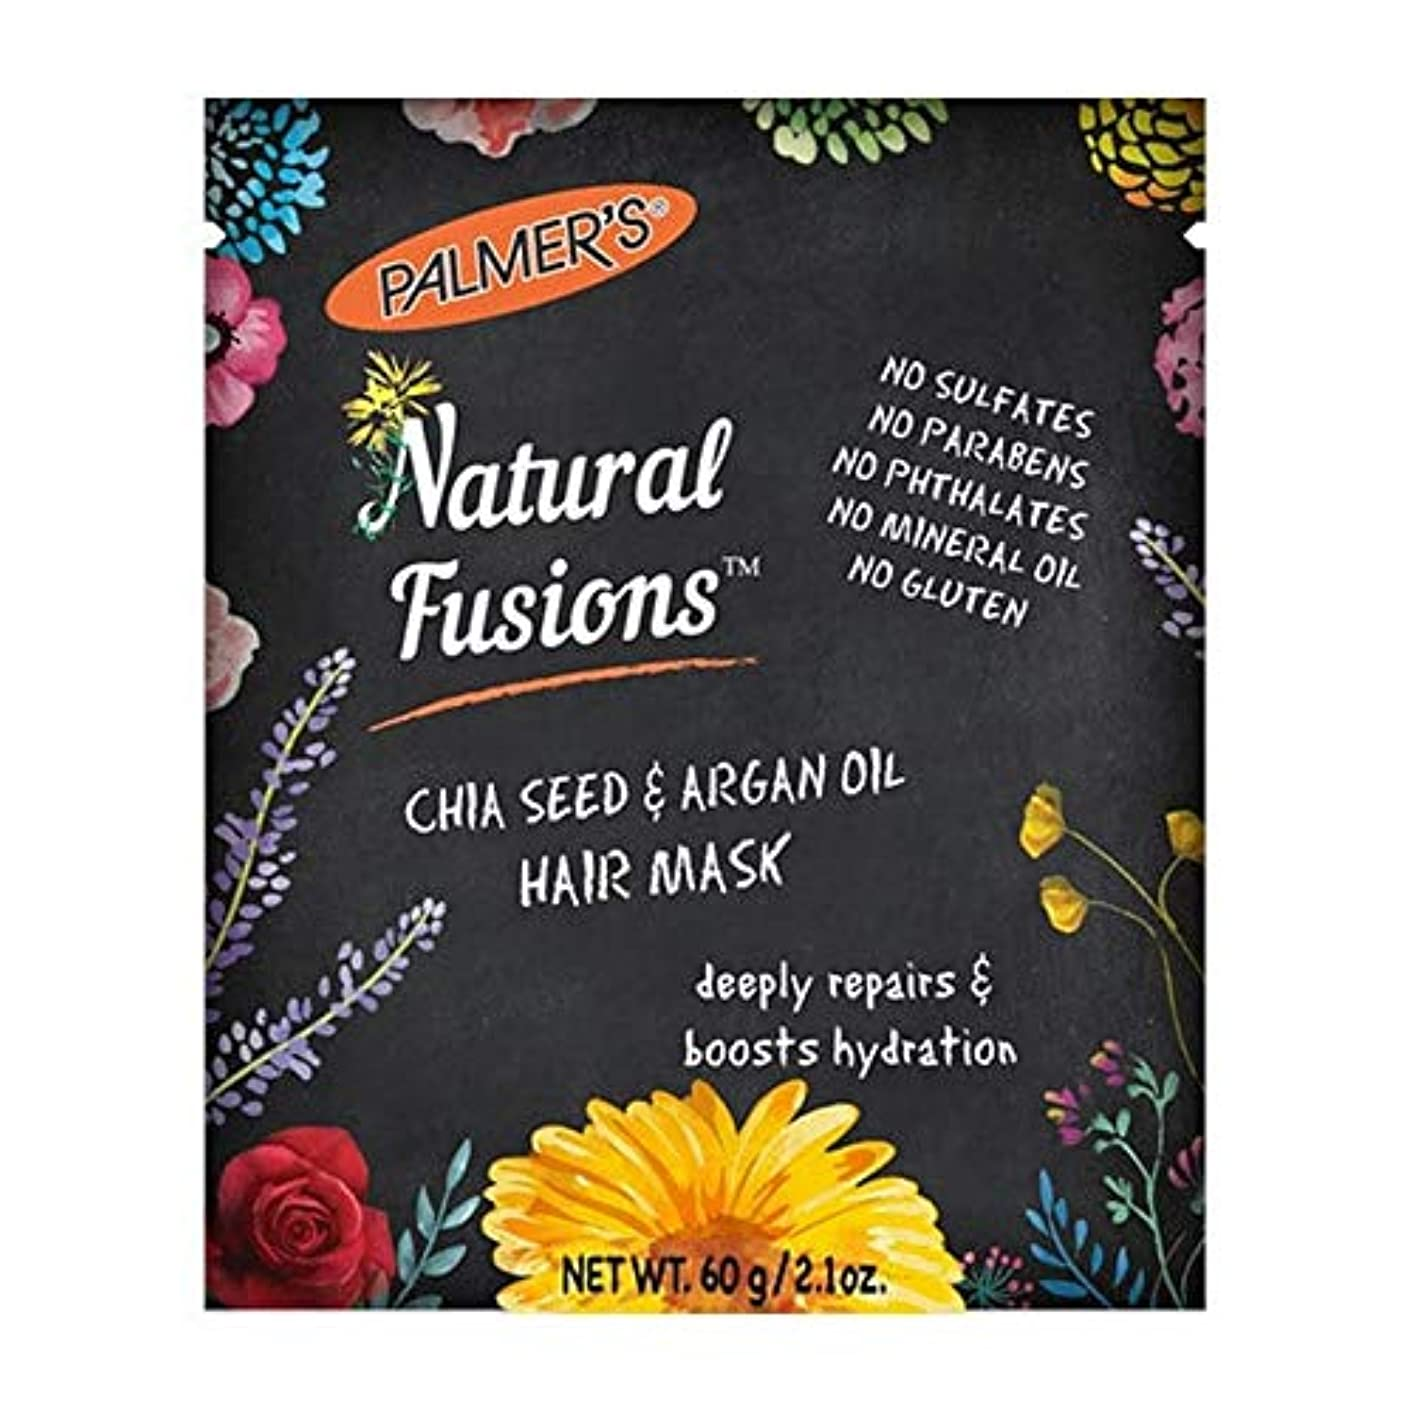 南西ご意見インフラ[Palmer's ] パーマーの自然な融合チアシード&アルガンオイルヘアマスク60グラム - Palmer's Natural Fusions Chia Seed & Argan Oil Hair Mask 60g [...